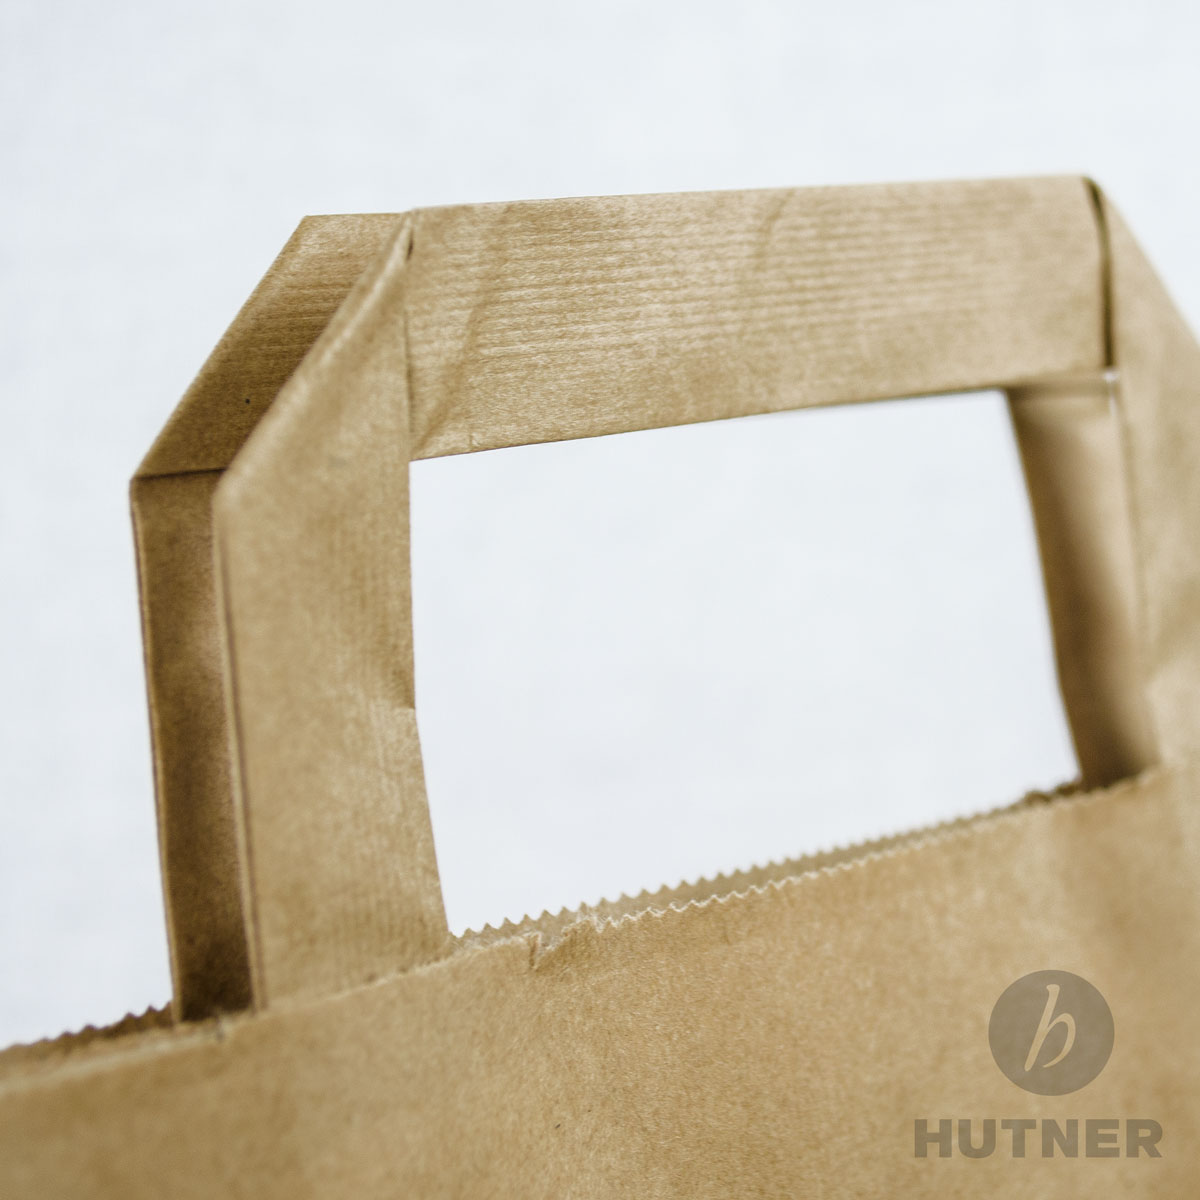 HUTNERPapiertaschen 26x12x35 cm Papiertüten braun mit Flachhenkel 250 Stück